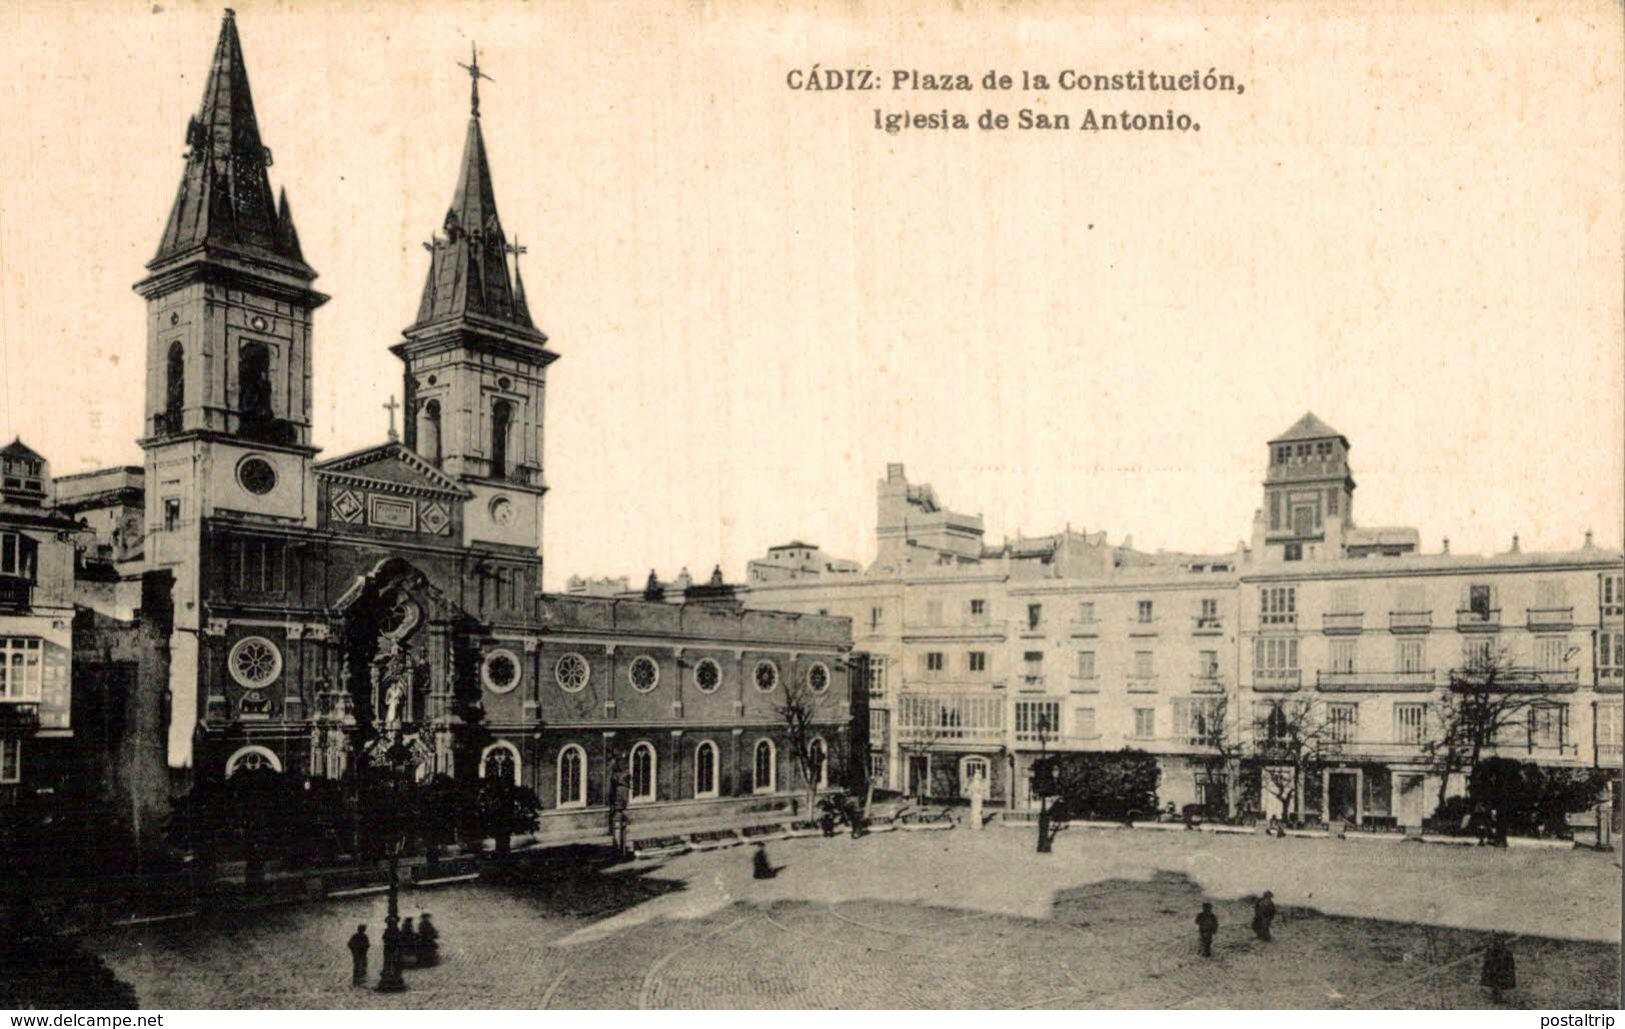 CADIZ. PLAZA DE LA CONSTITUCION, IGLESIA DE SAN ANTONIO. HAUSER Y MENET - Cádiz